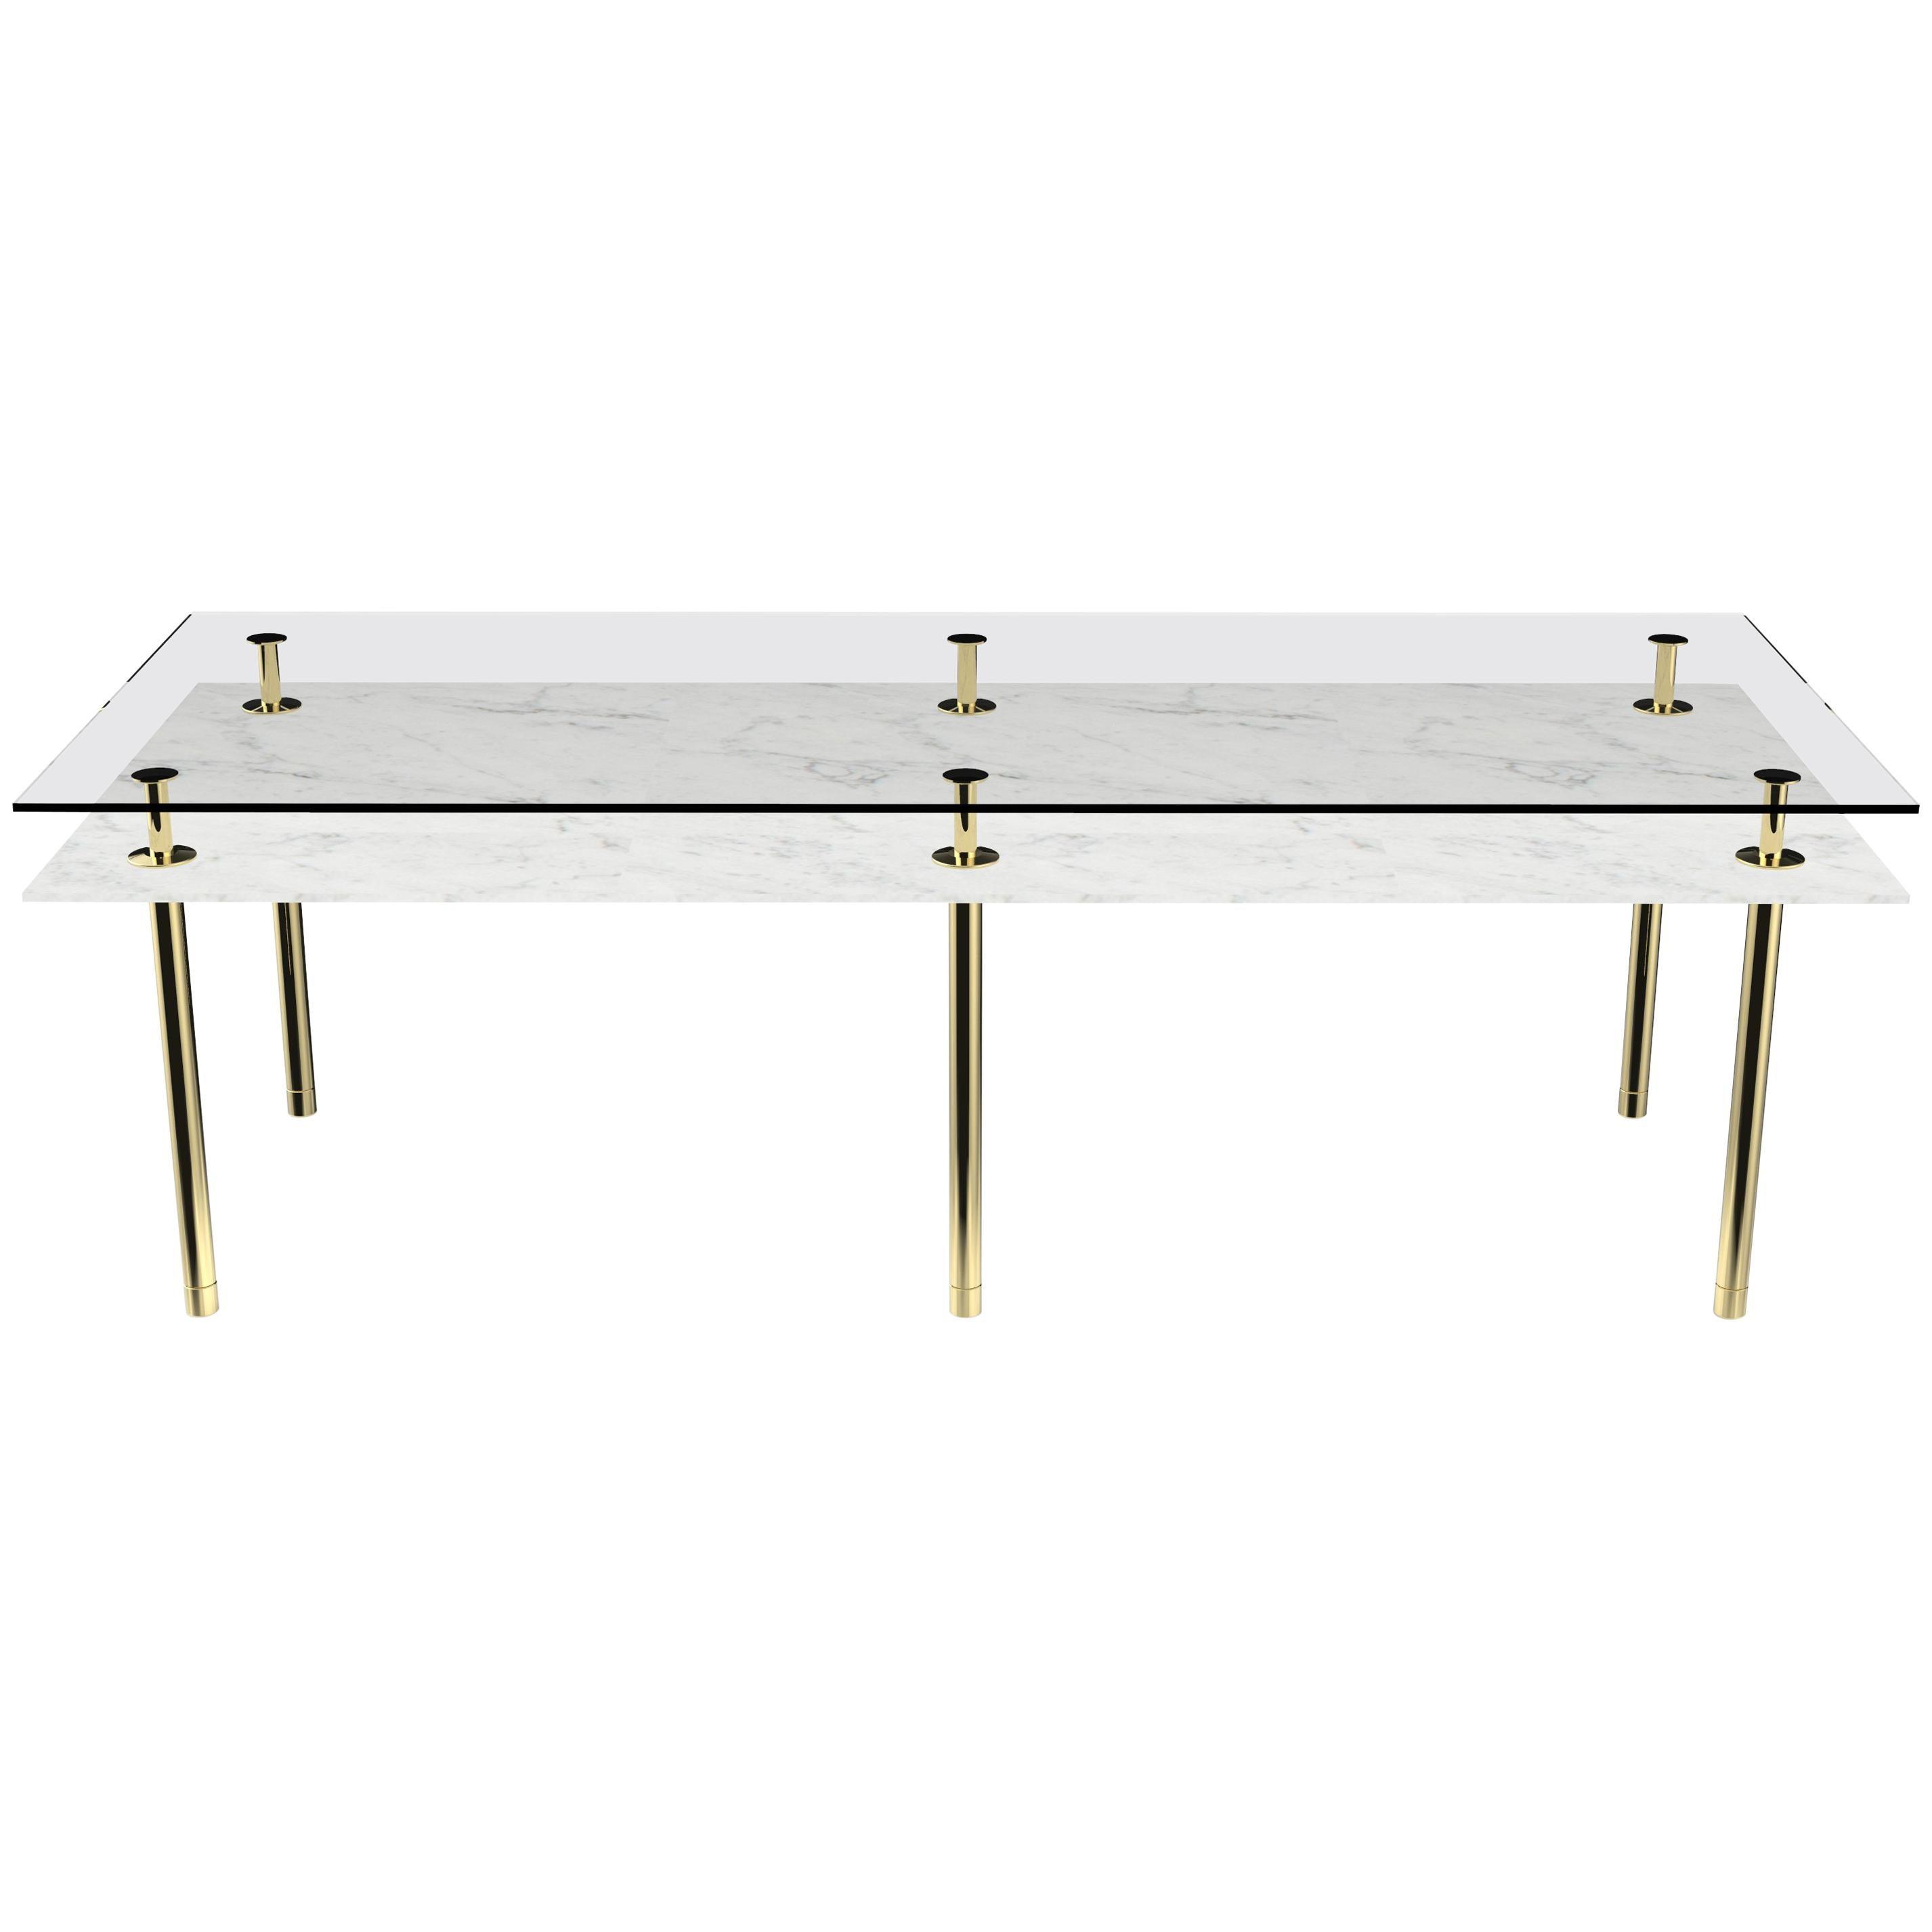 Ghidini 1961 Legs Dining Table in Carrara White by Paolo Rizzatto